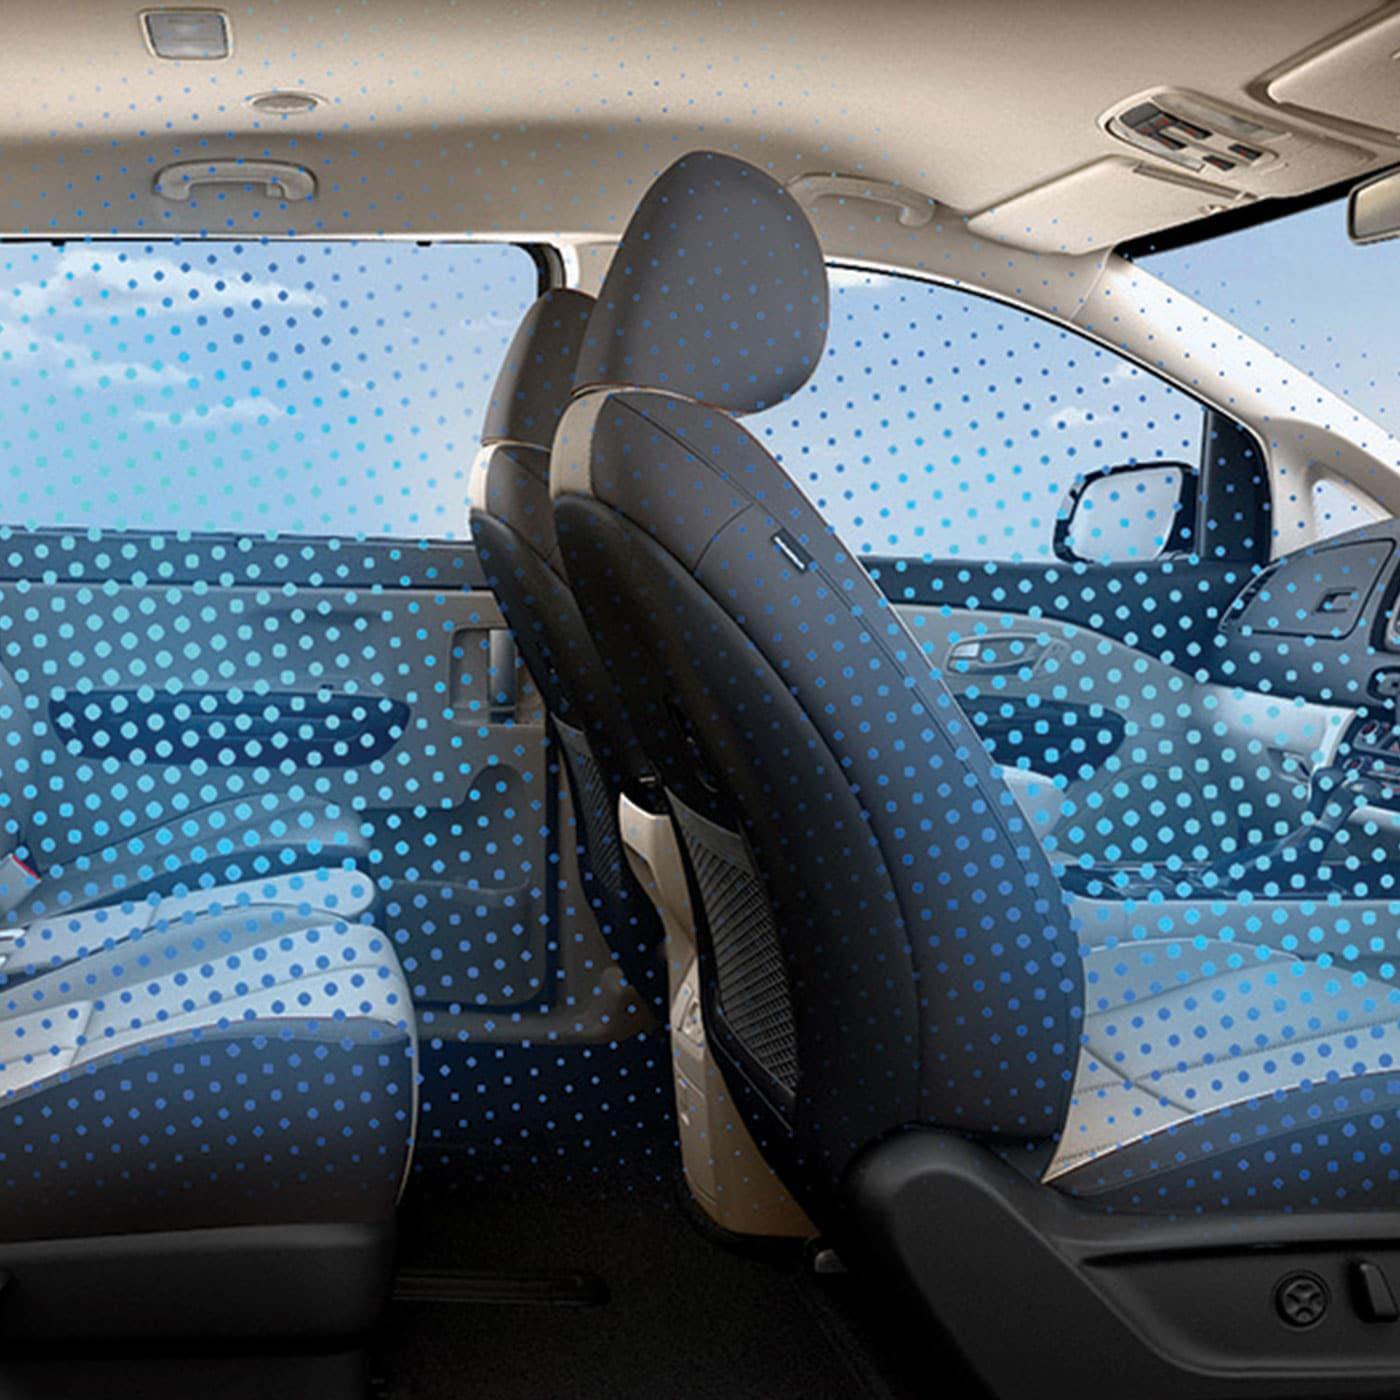 Trizone Auto Climate Control